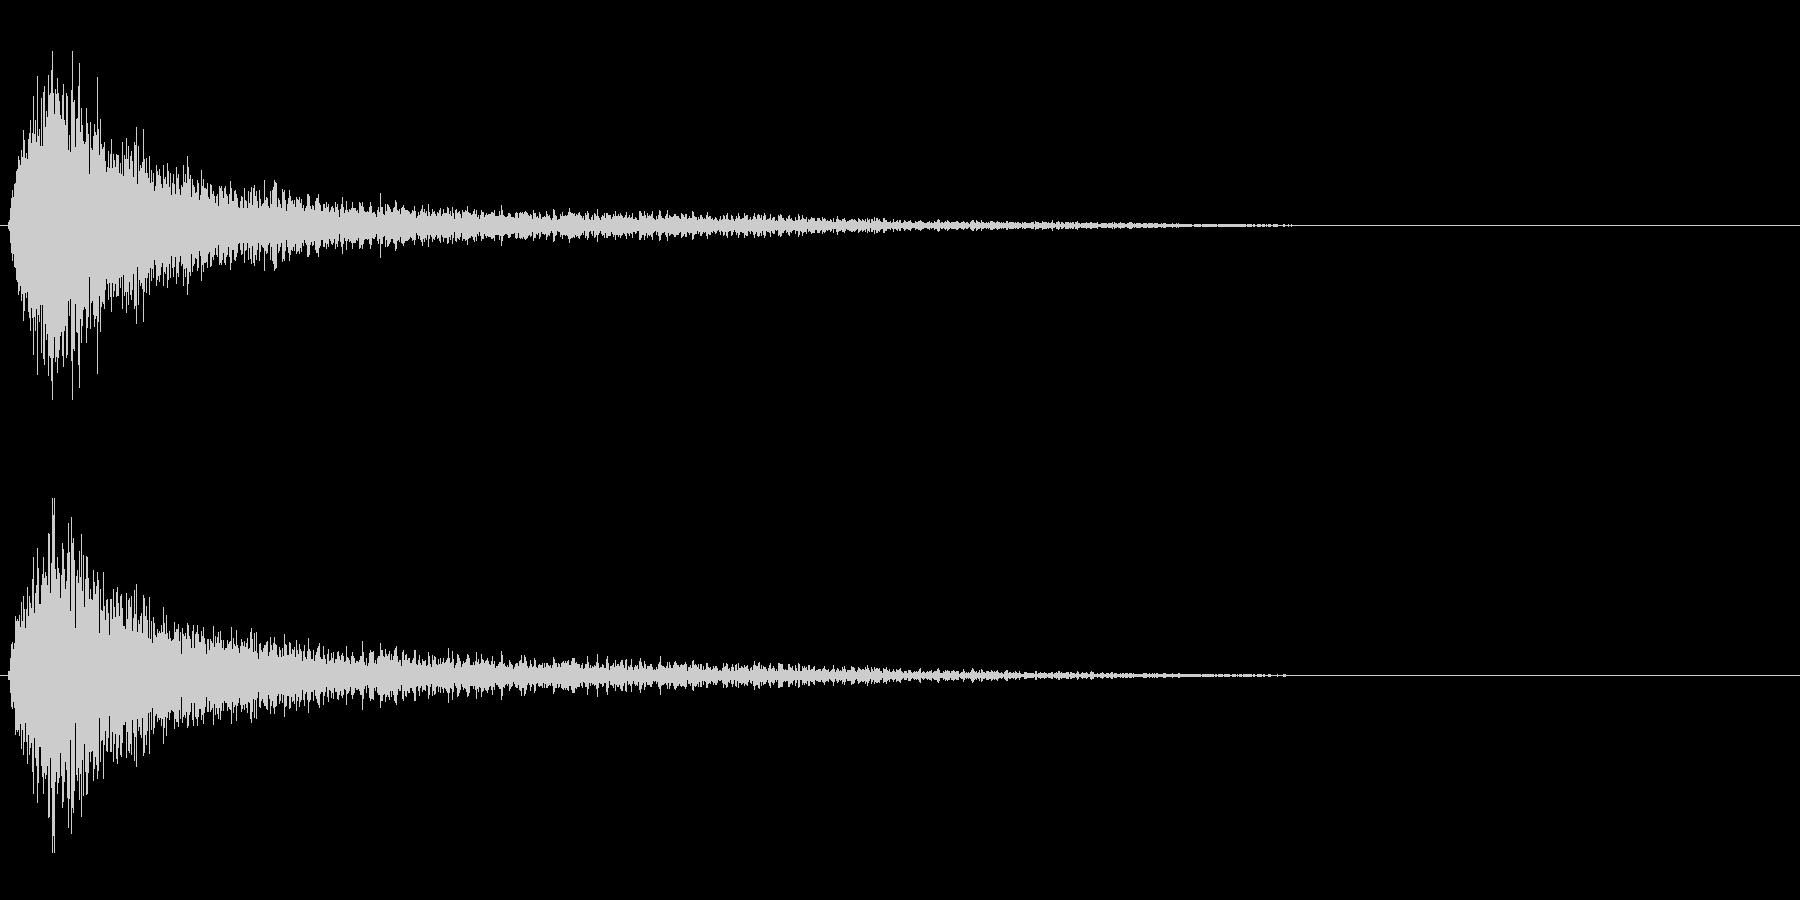 失敗/ガーン/金属音/残念の未再生の波形